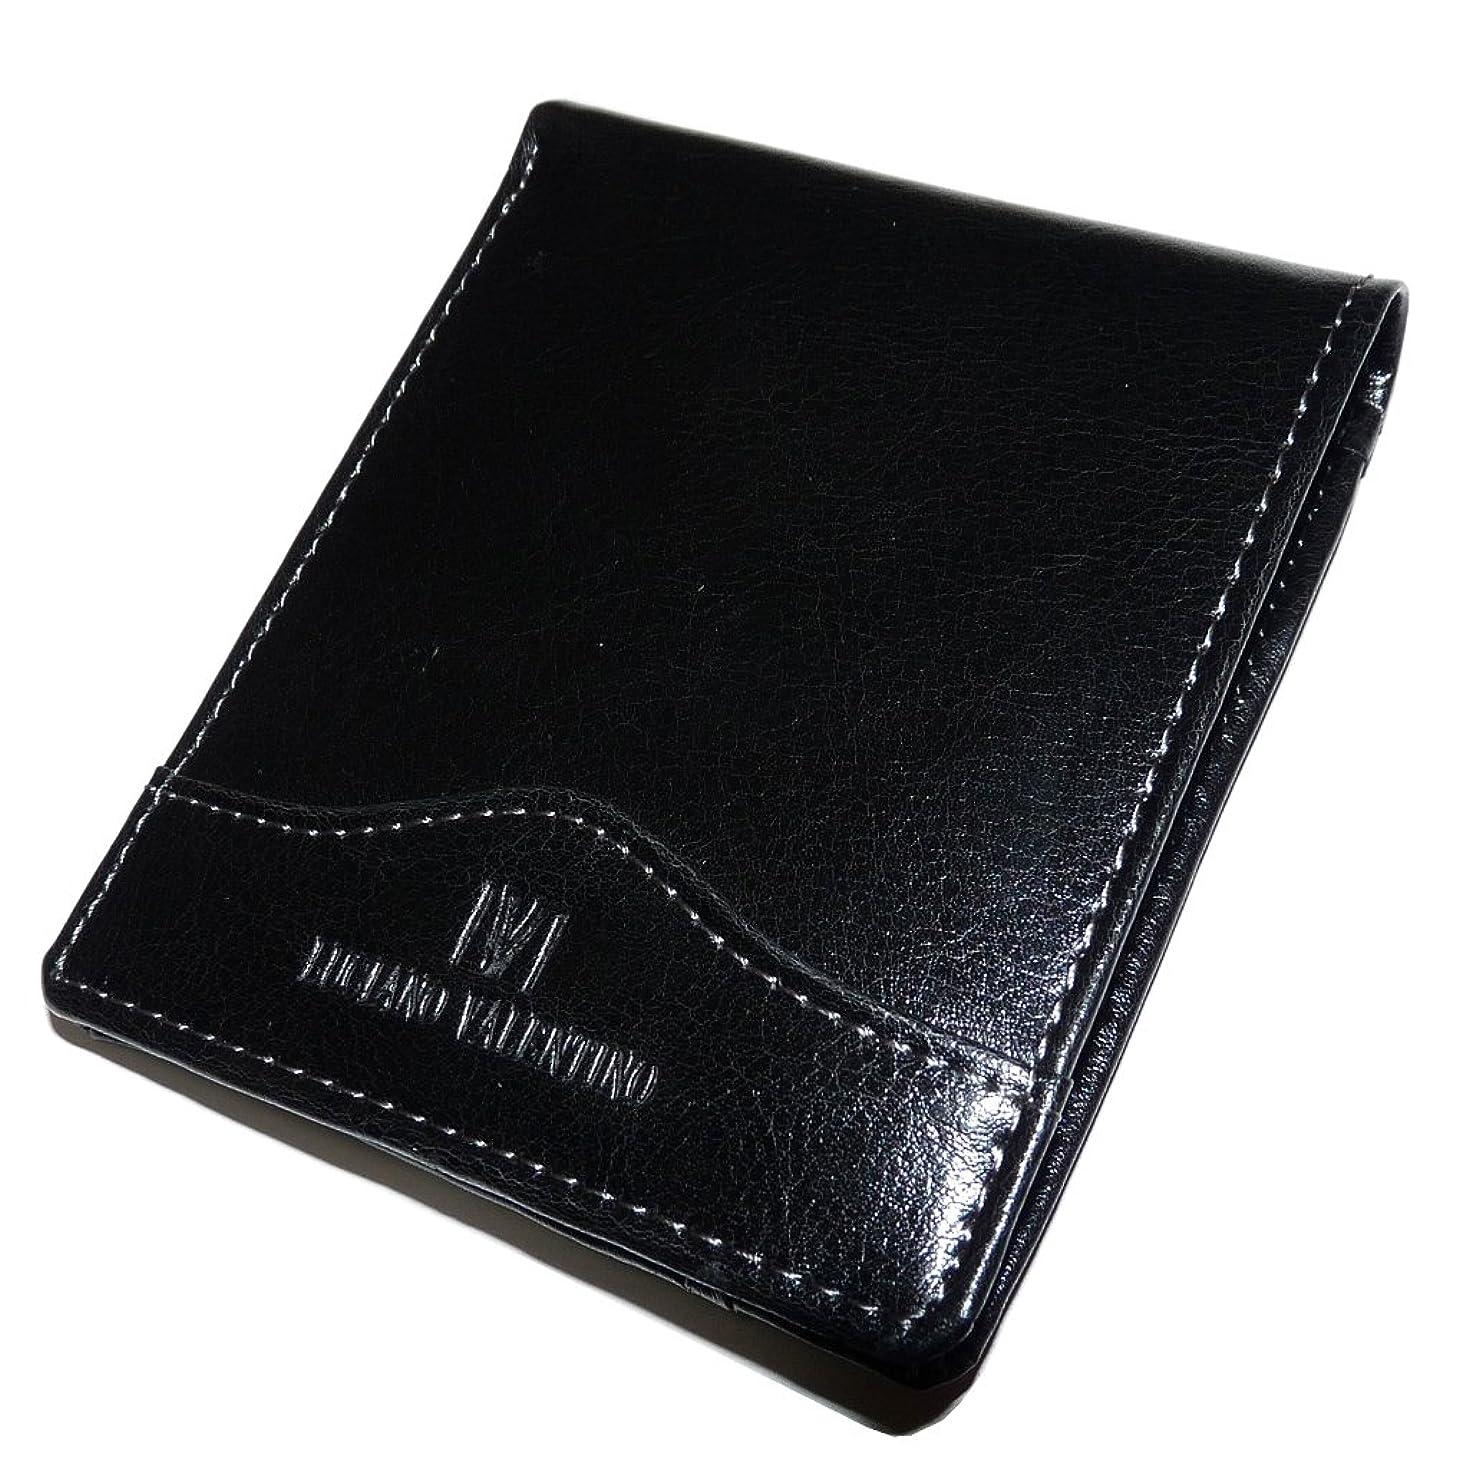 肥沃な階層厄介な光沢レザーがスーツに映える! 大人の牛革短財布 カードスライダー付 [ LUCIANO VALENTINO ブラック ] 誕生日プレゼント 人気ブランド